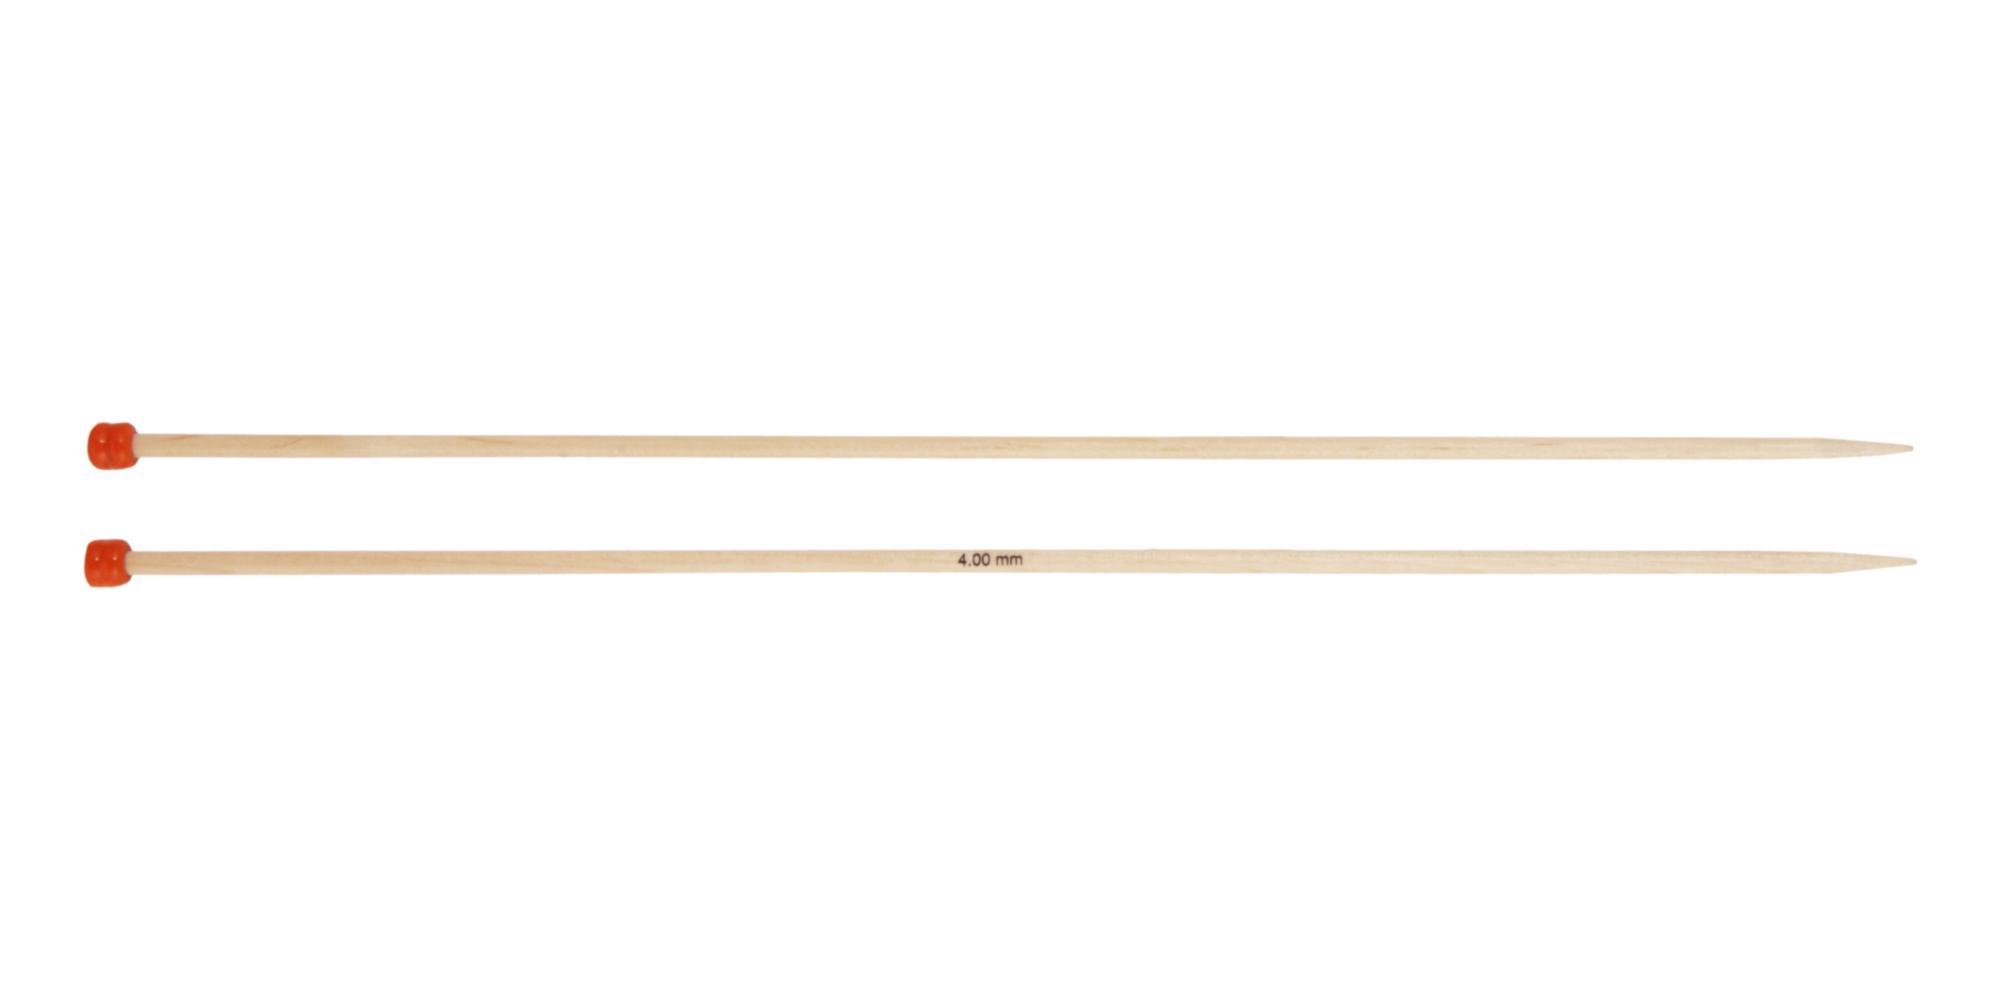 Спицы прямые 35 см Basix Birch Wood KnitPro, 35445, 4,50 мм